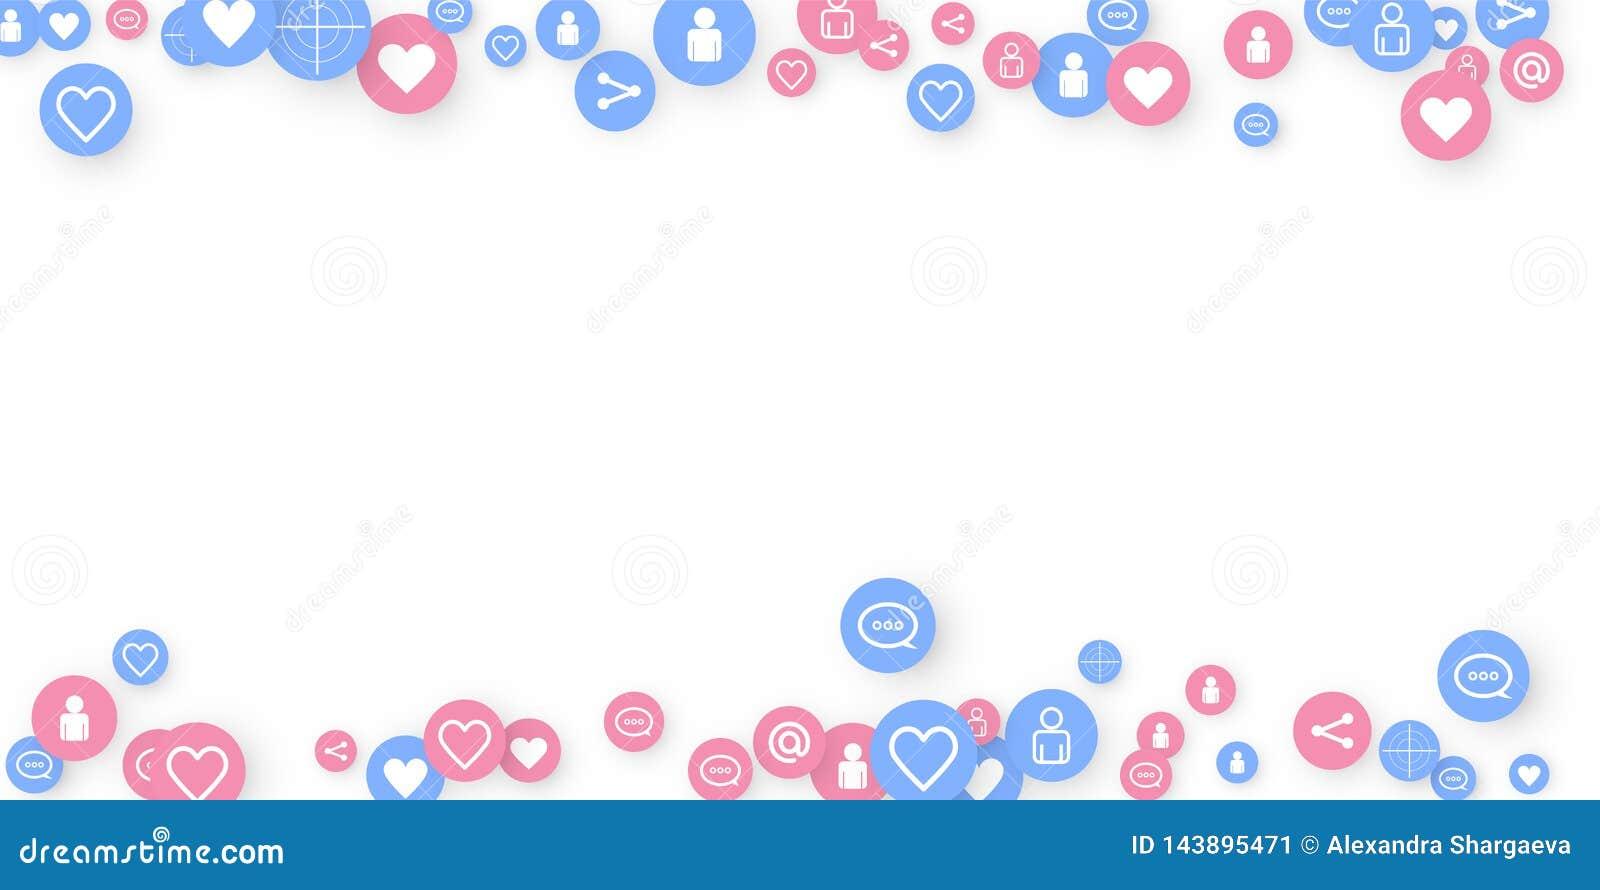 Social media marketing, Communication